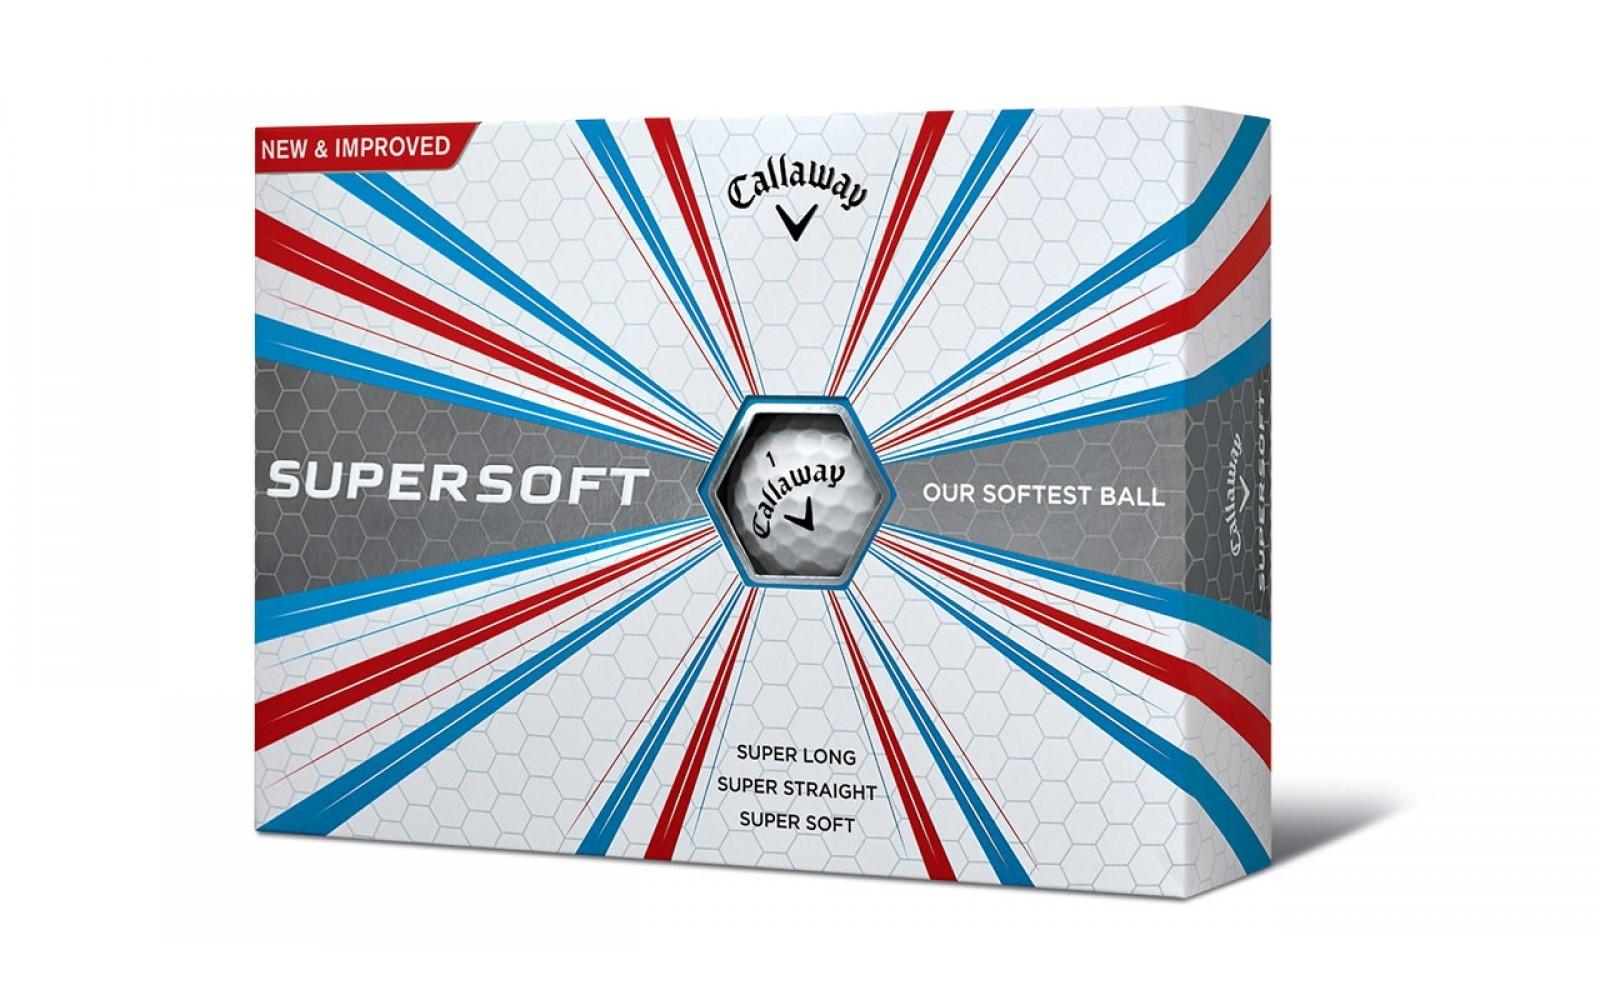 Callaway Super Soft